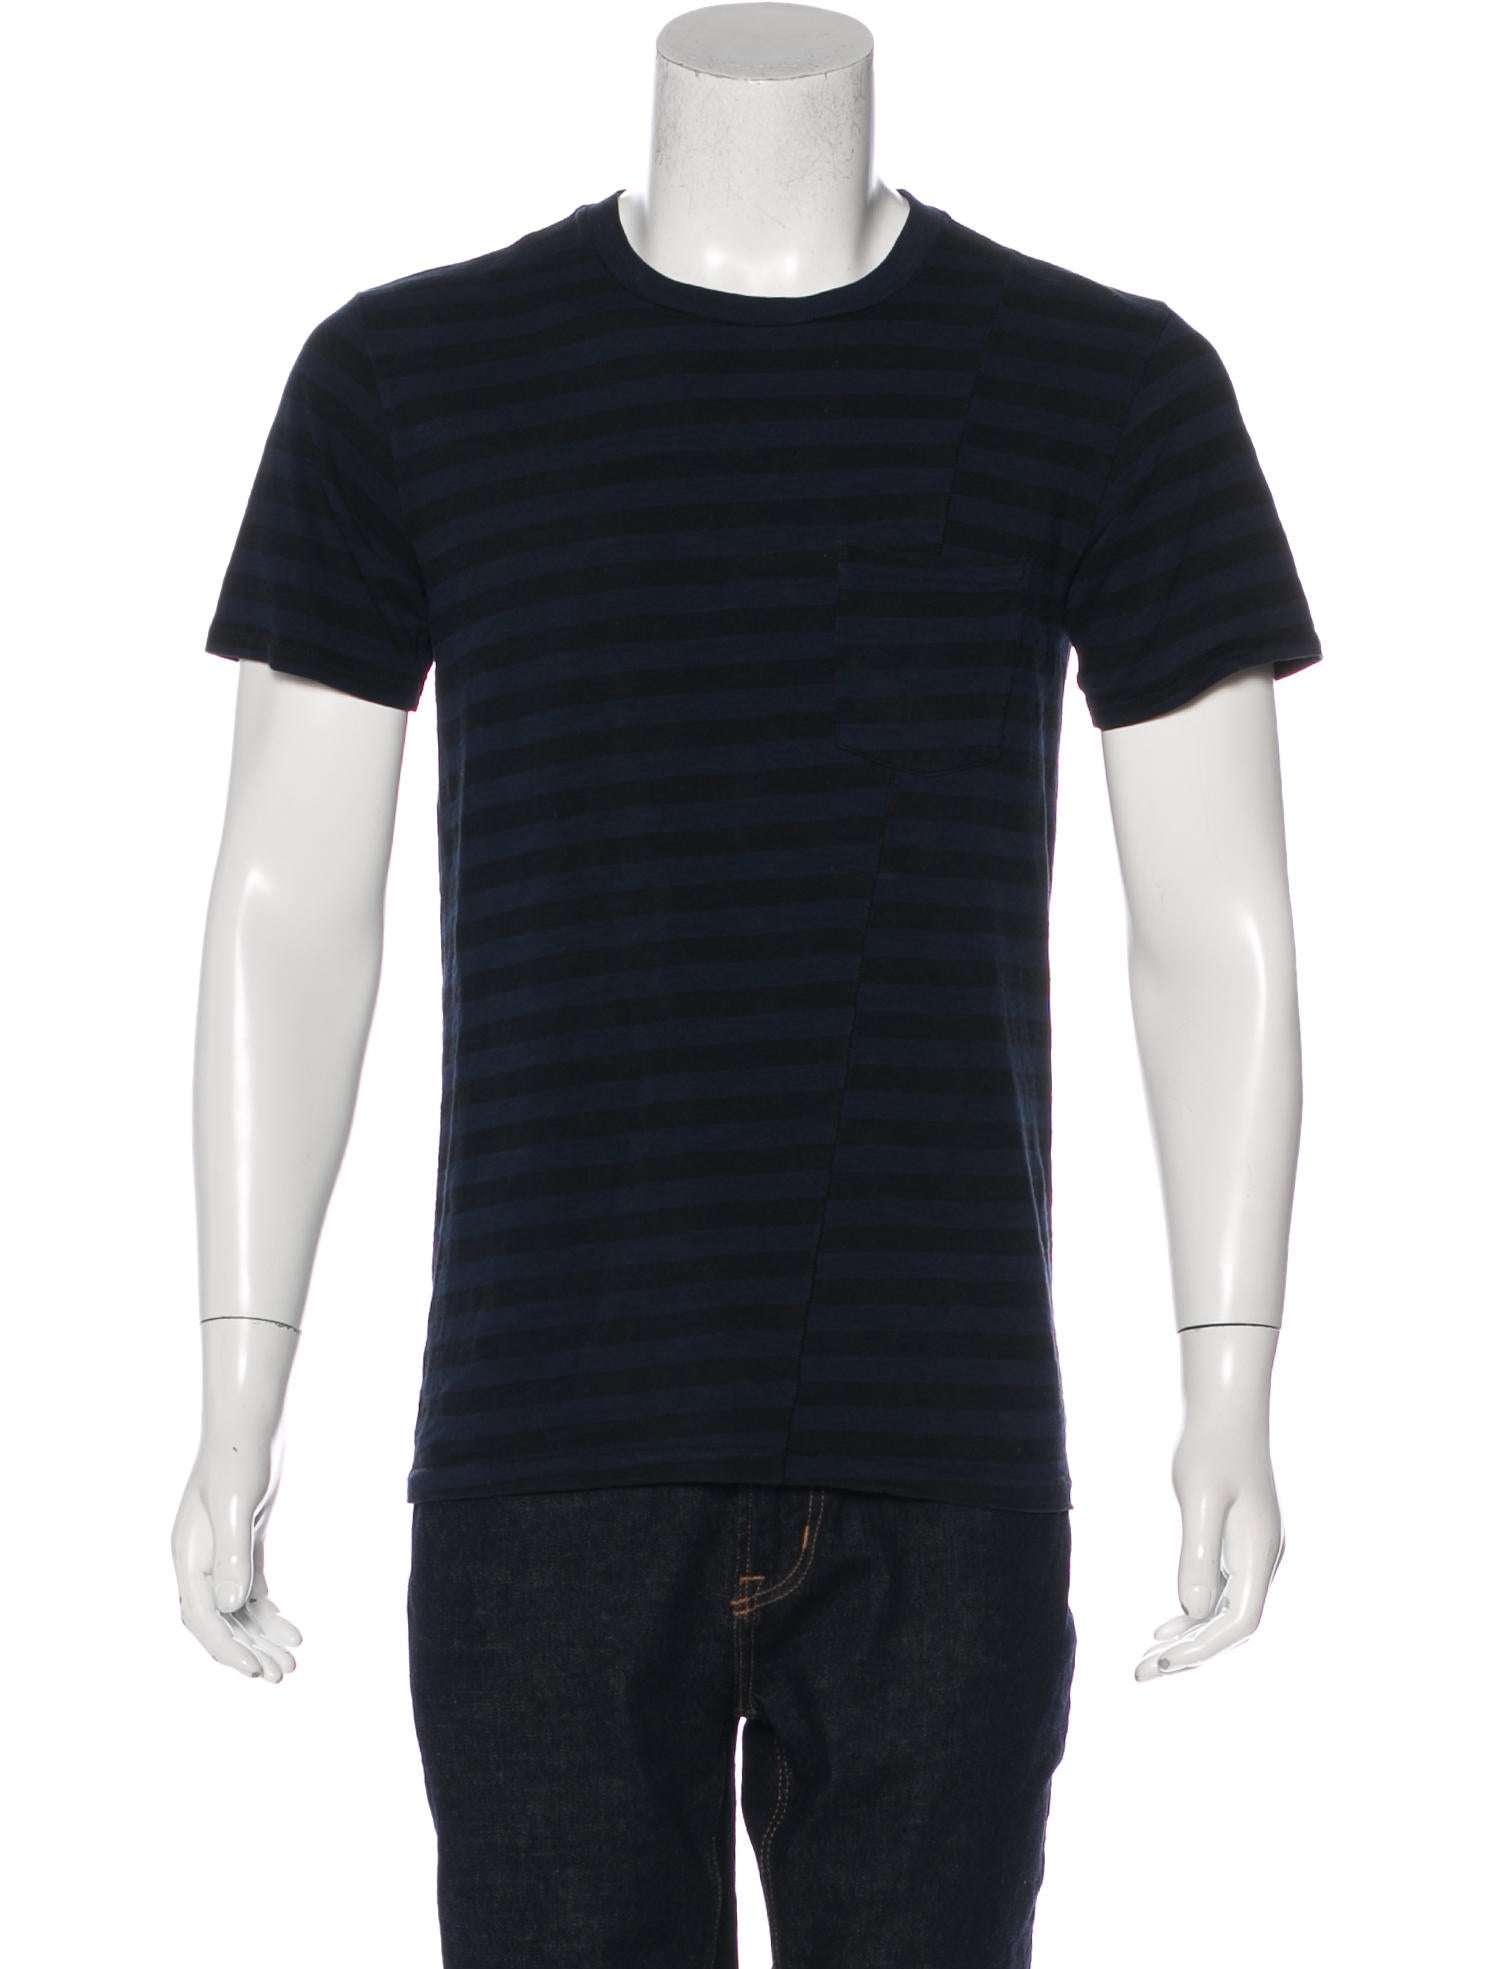 Rag Bone Striped Pocket T Shirt Clothing Wragb89034